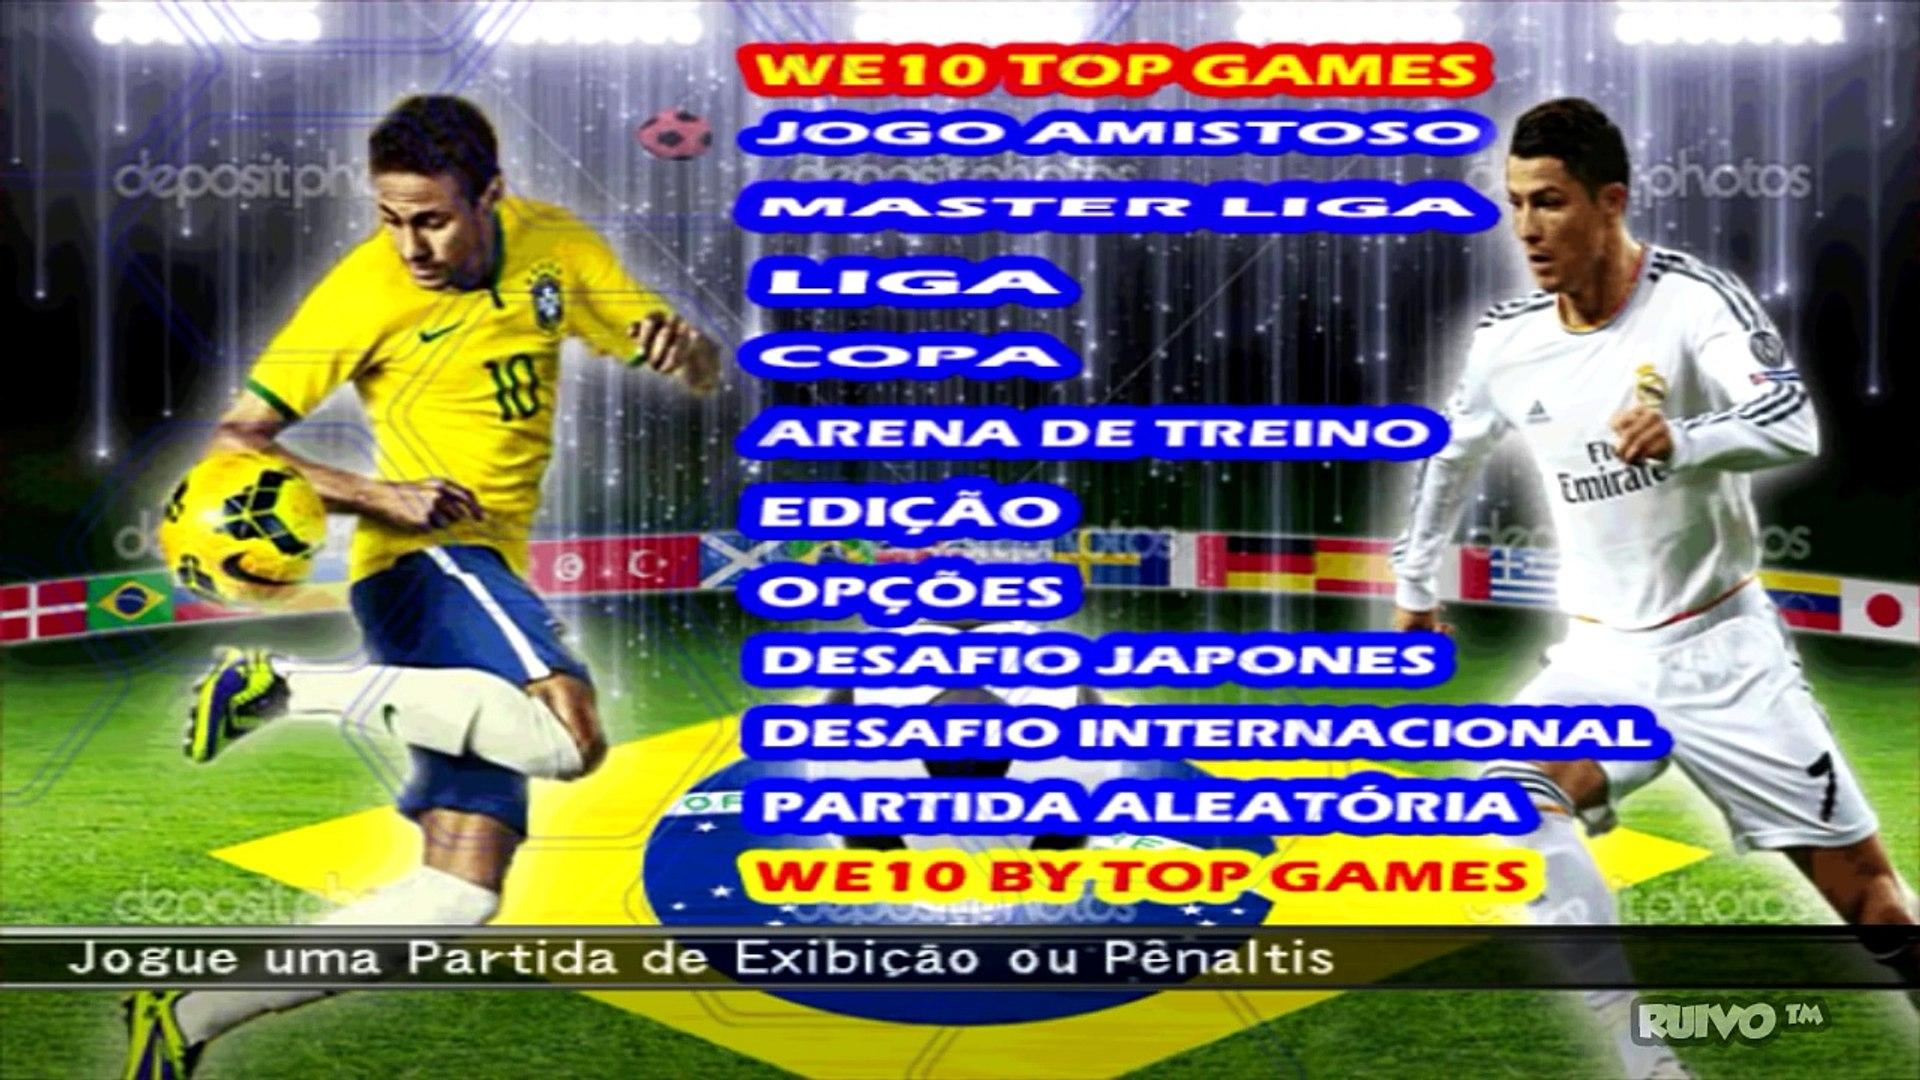 Bomba Patch 2016 com o Campeonato Brasileiro 2016 (by TOP Games) no Playstation 2